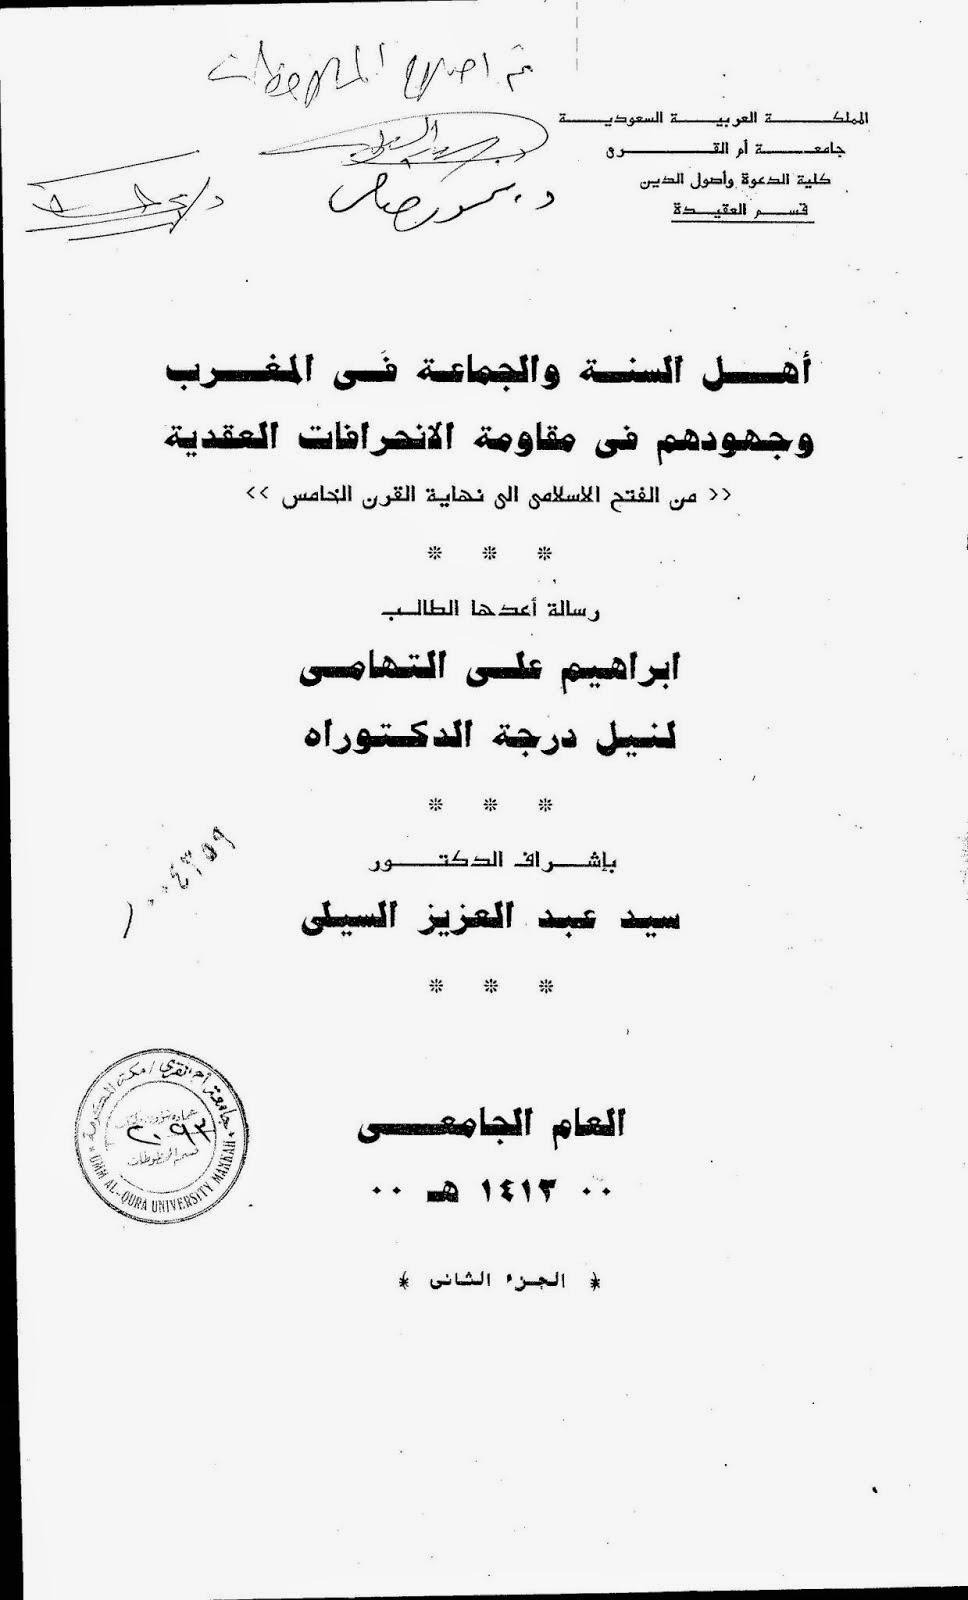 أهل السنة والجماعة في المغرب وجهودهم في مقاومة الانحرافات العقدية ،ج.1_ ابراهيم علي التهامي